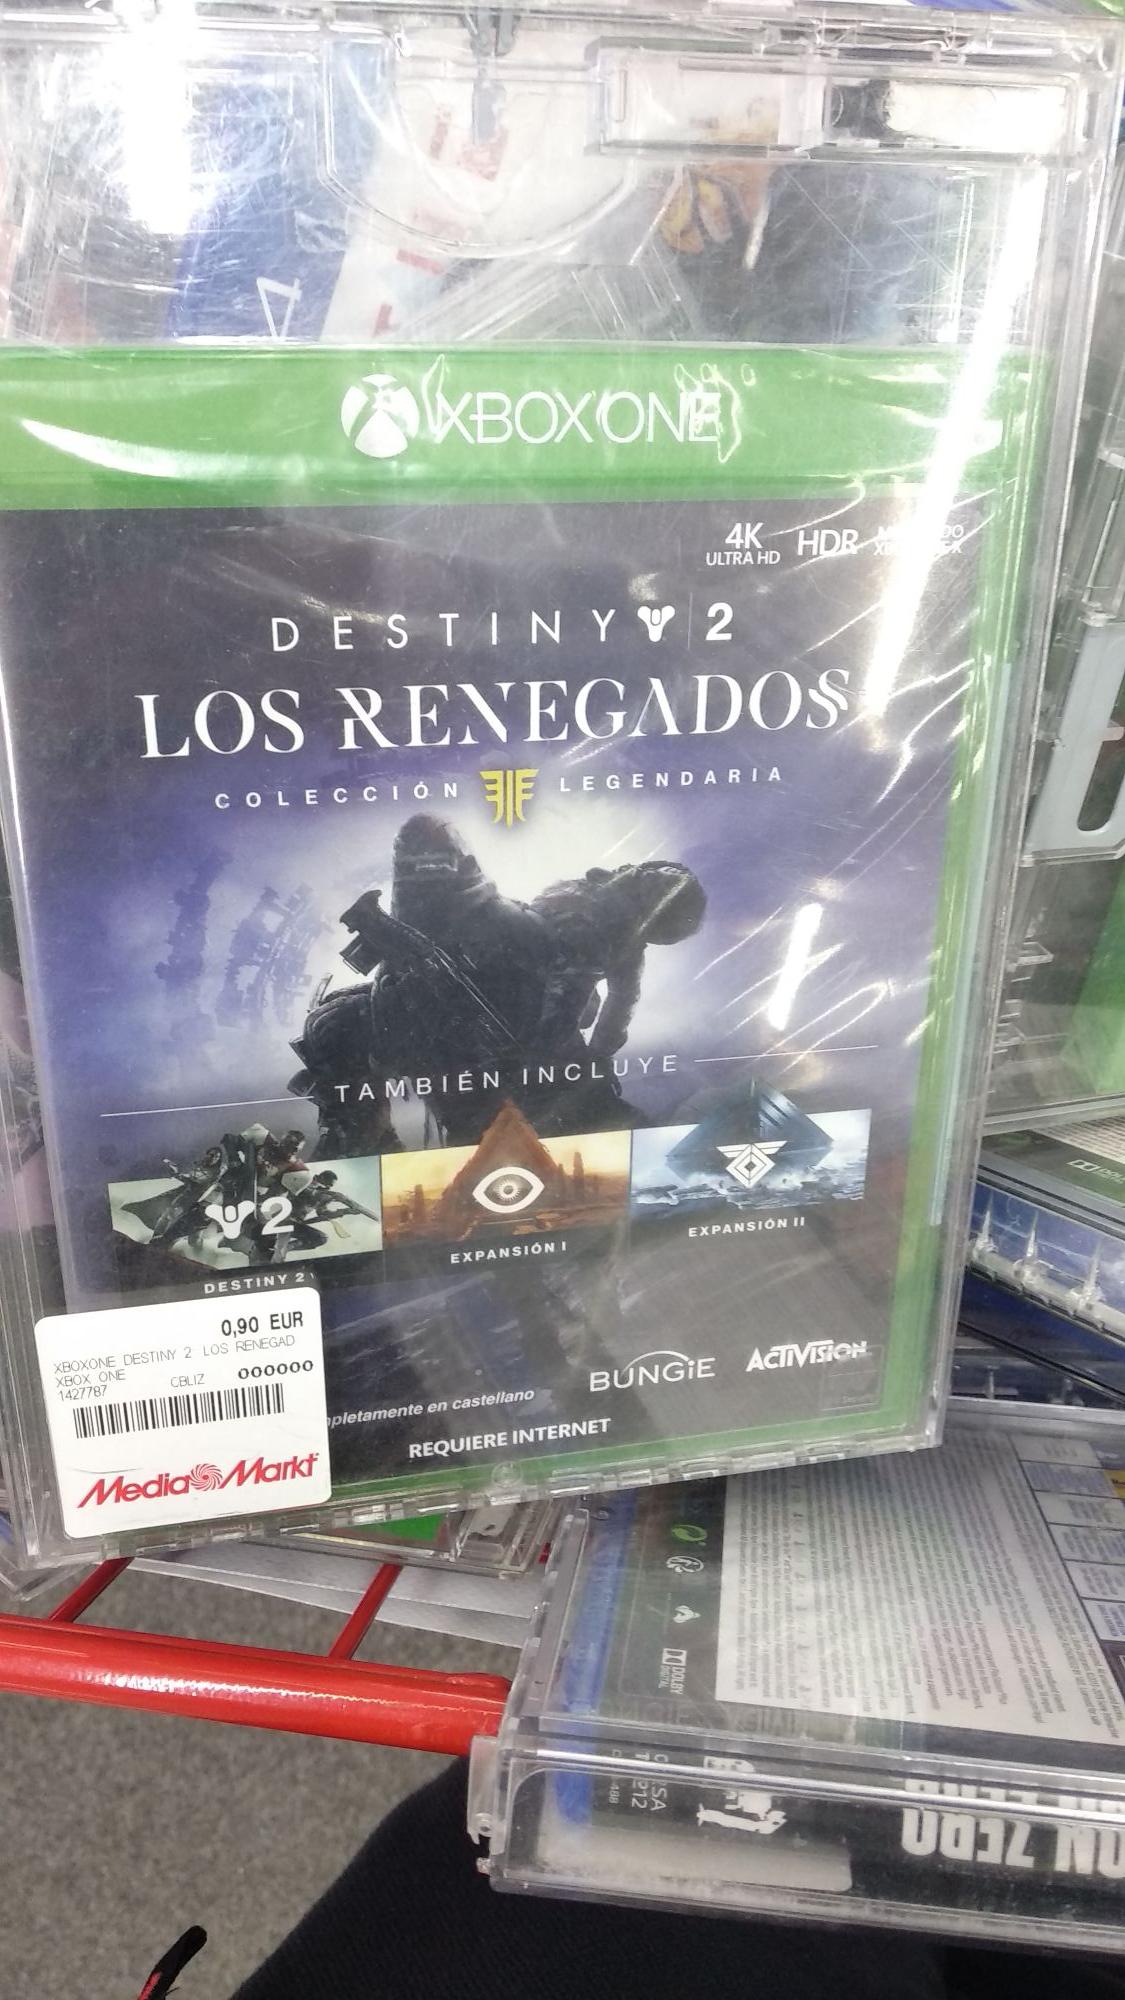 XBOX ONE Destiny 2: Los Renegados - Colección Legendaria